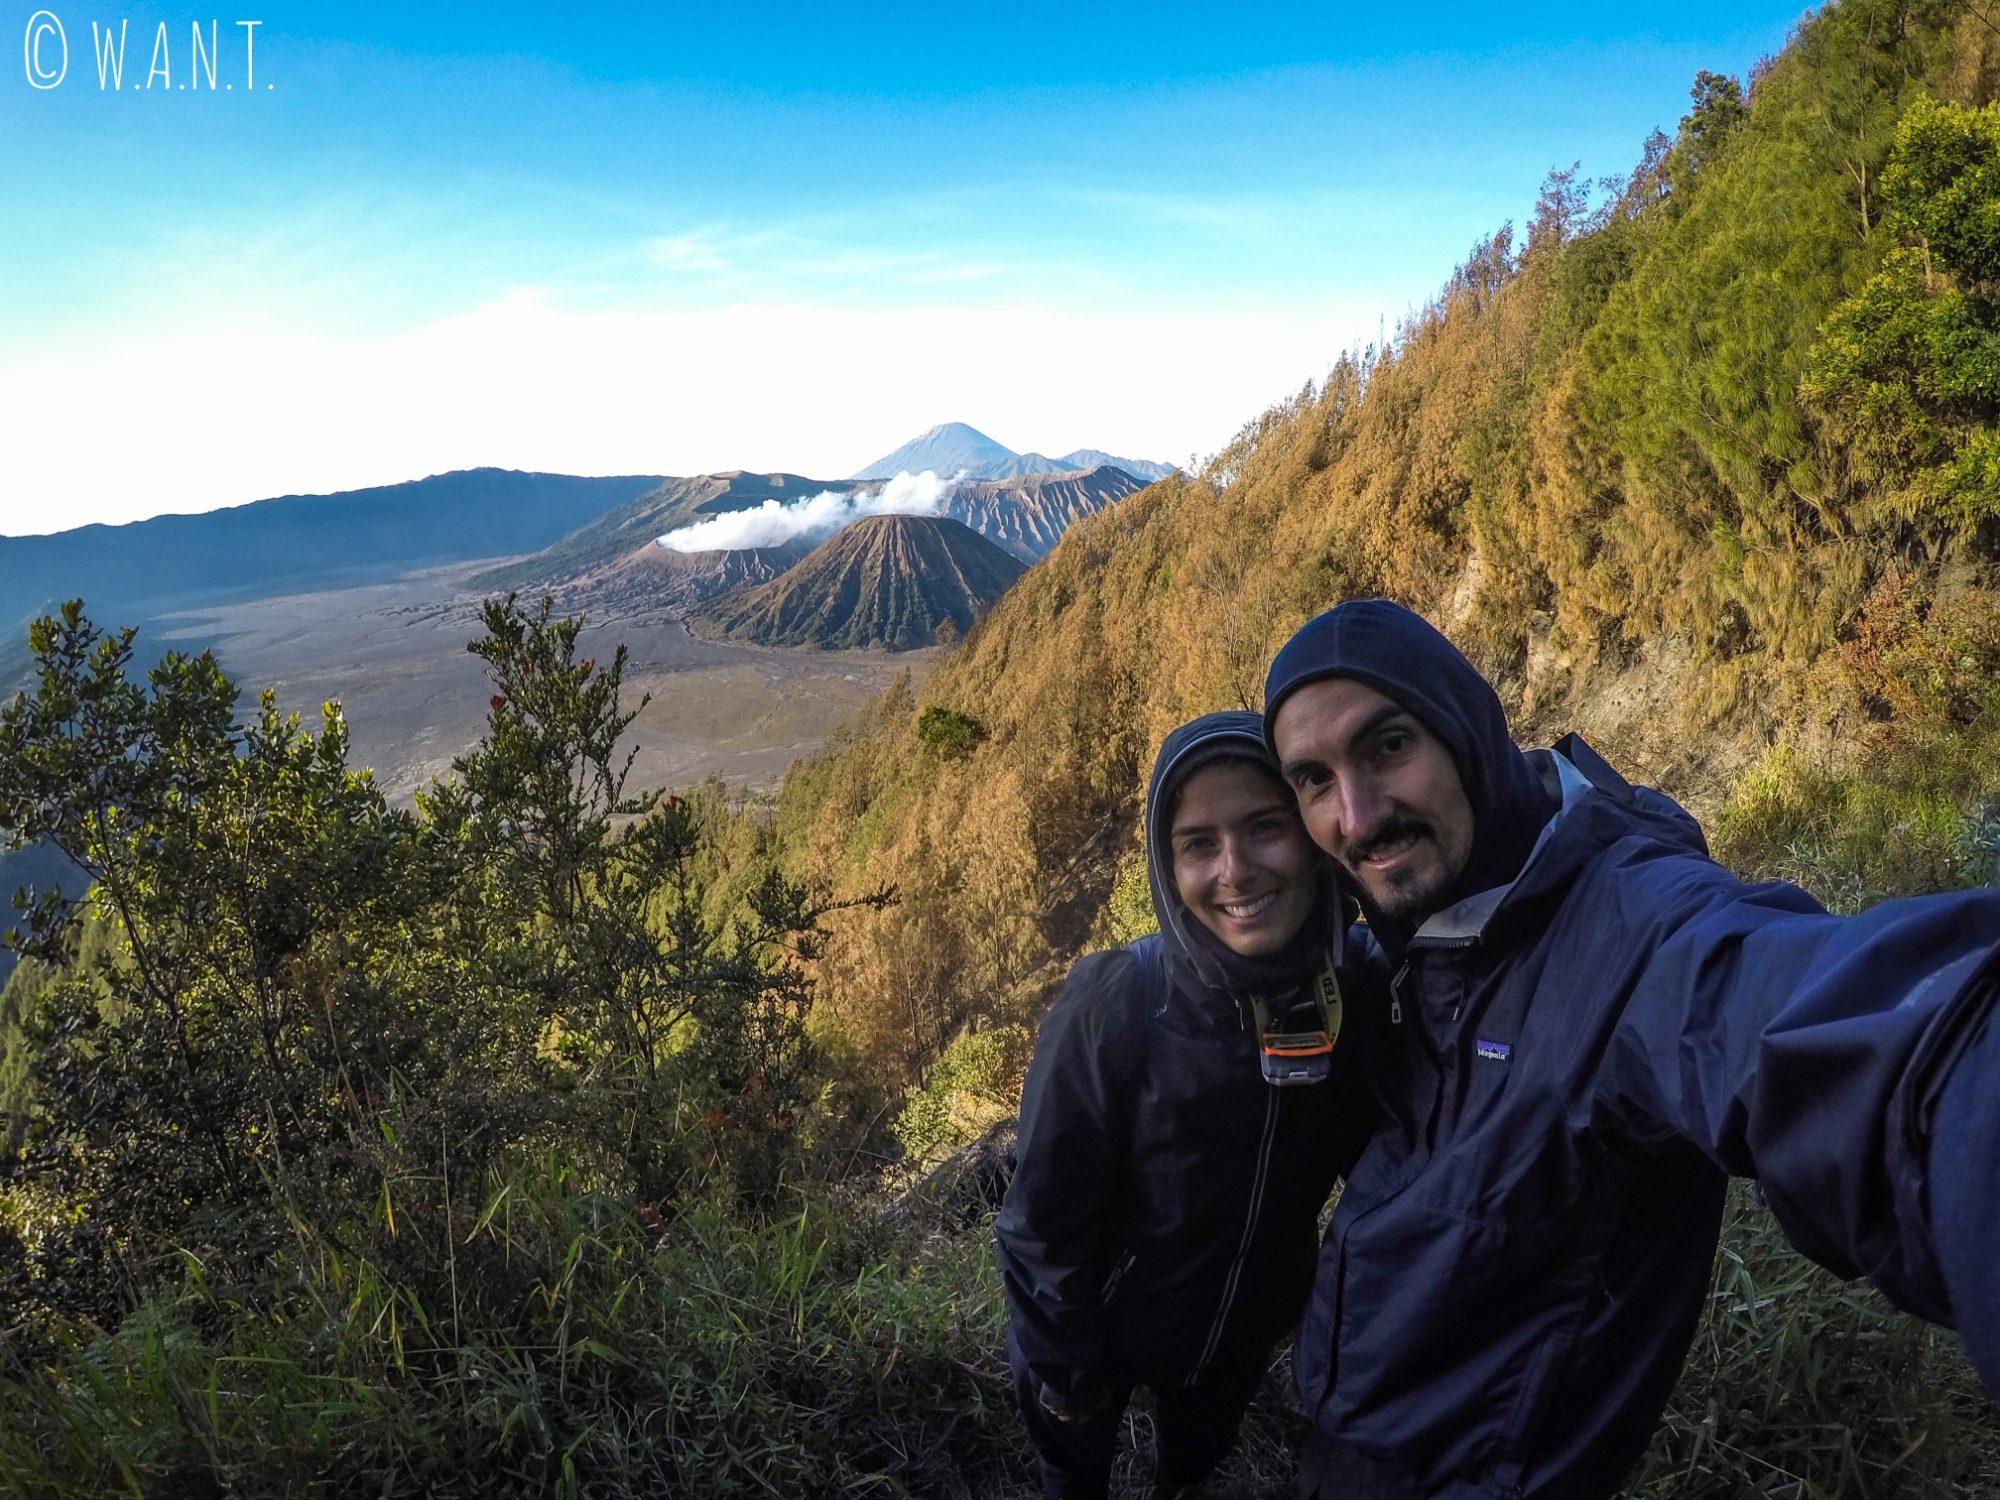 Selfie devant les volcans Bromo, Batok et Semeru